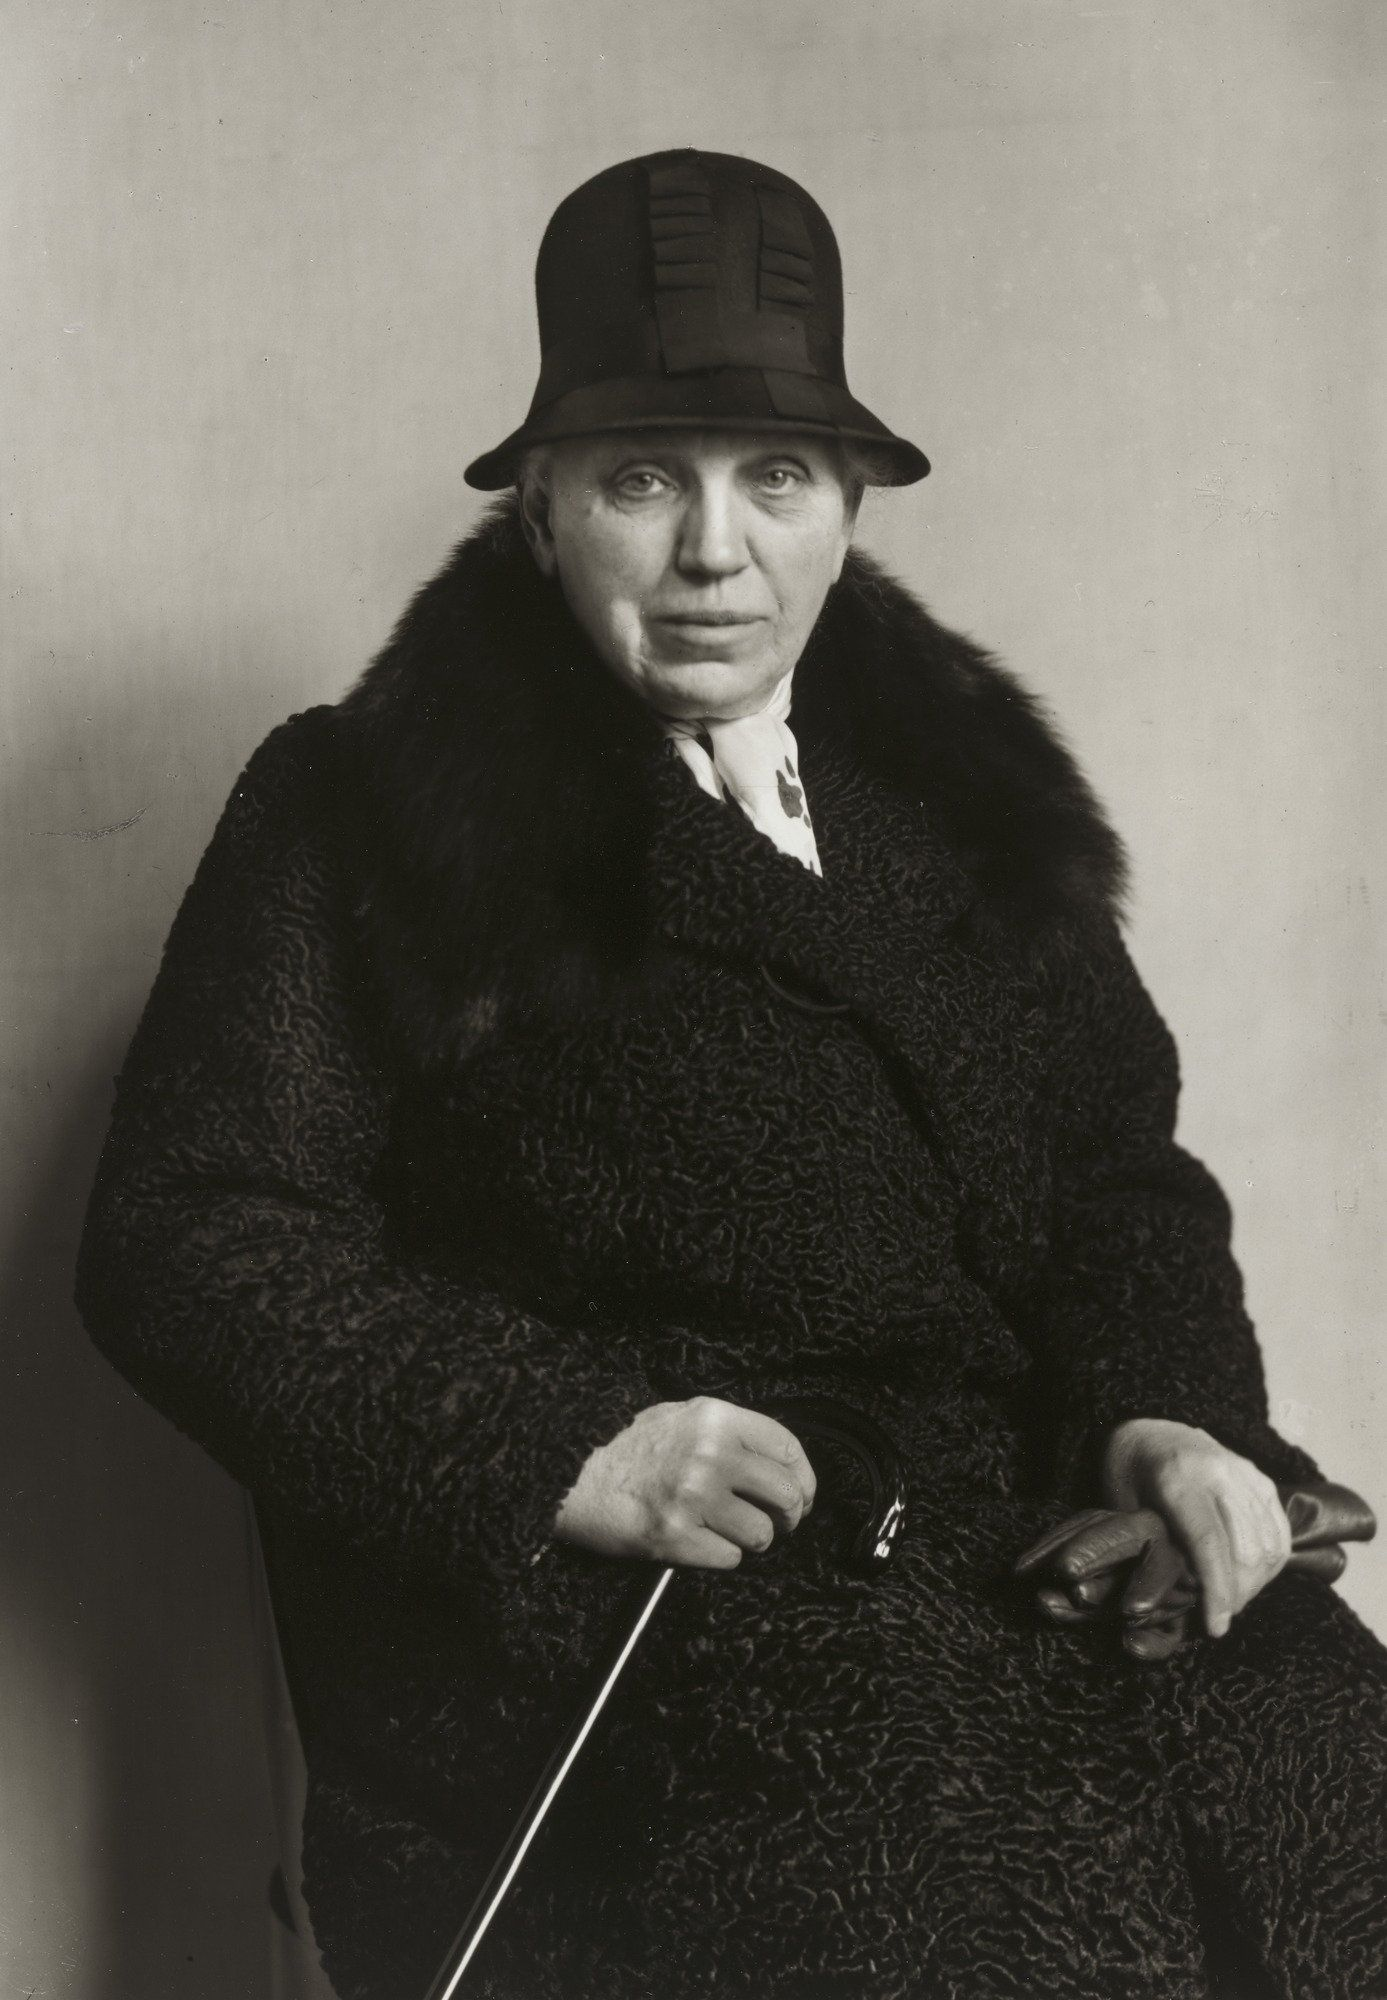 August Sander. Medical Officer. 1942. August sander